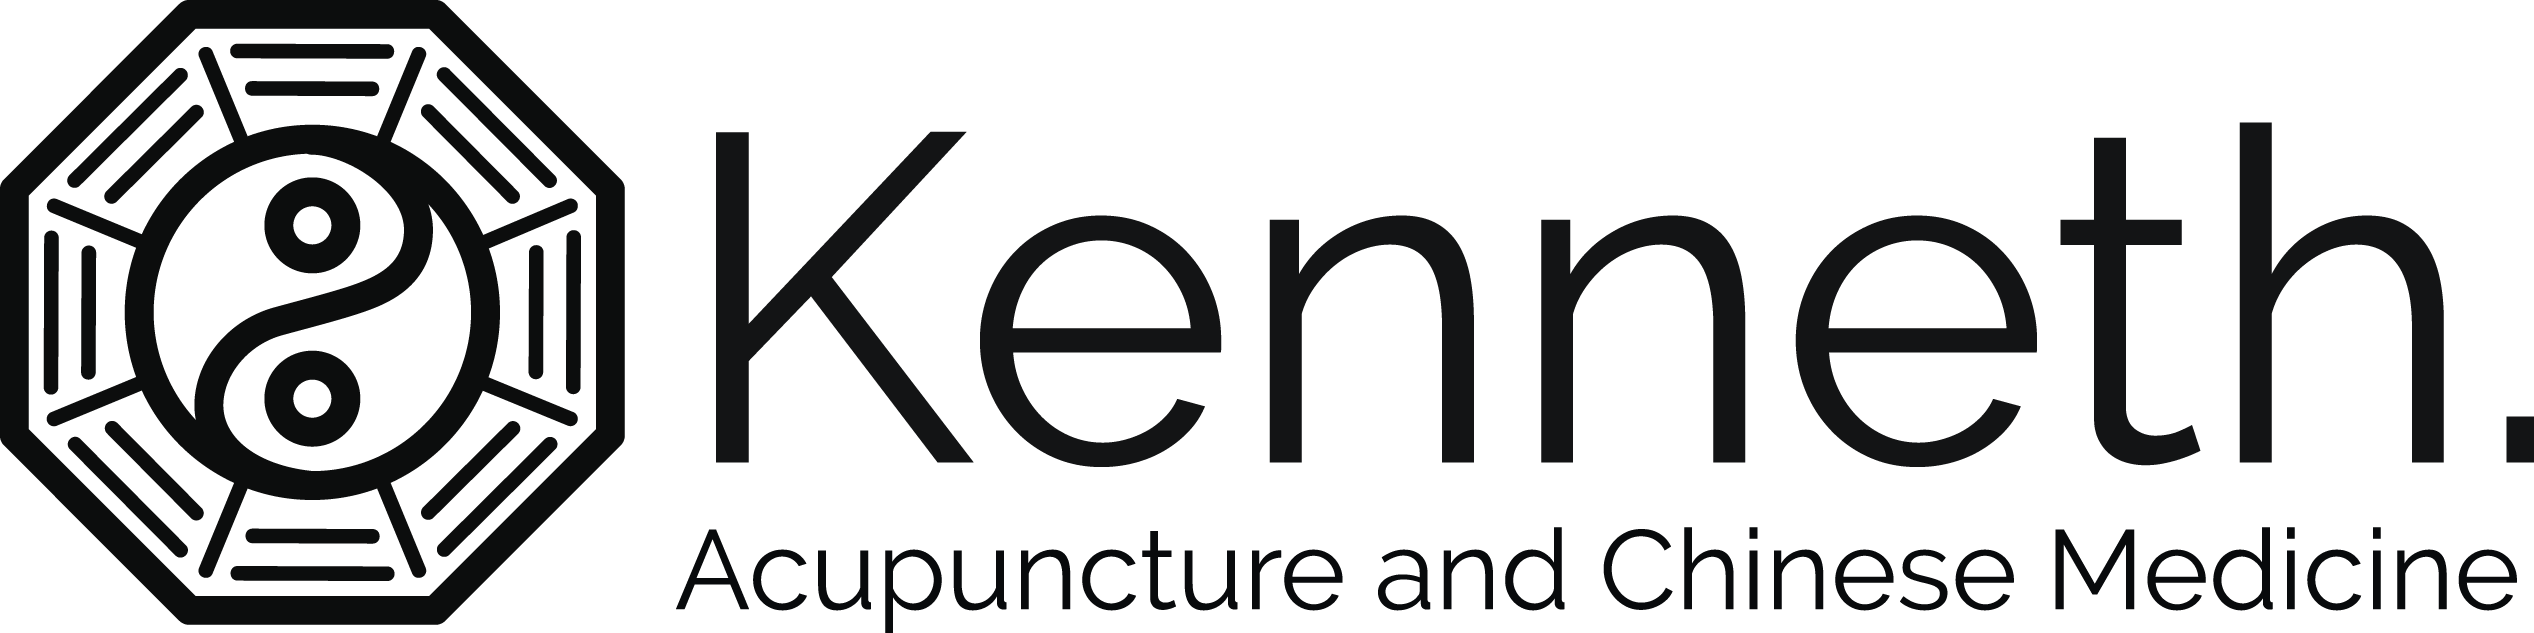 Kenneth Fletcher Acupuncture